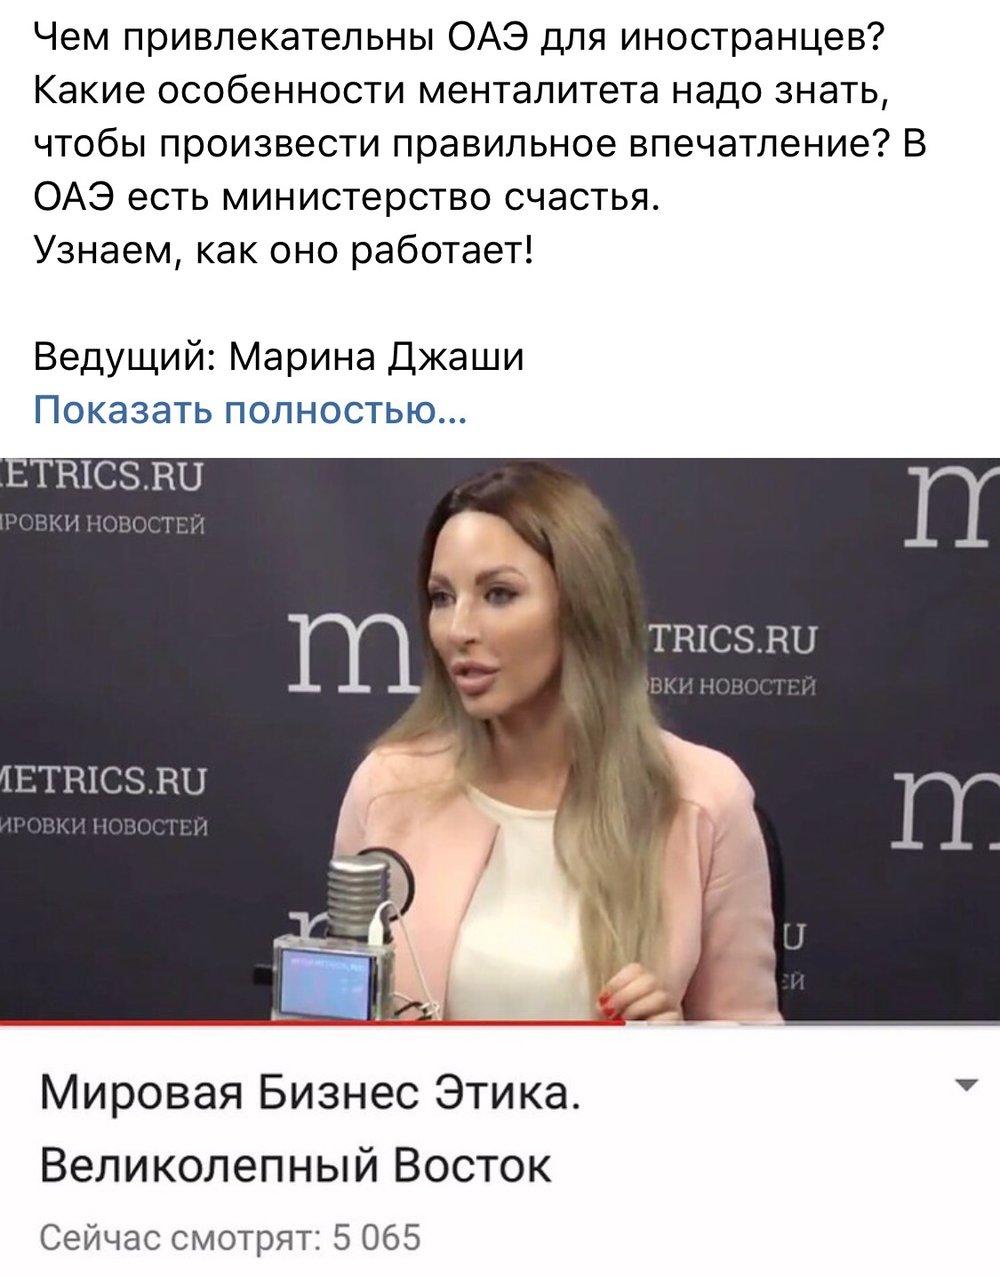 Радио «Медиаметрикс», Москва.  Мировая бизнес этика. Интервью с Татьяной Вишневской.